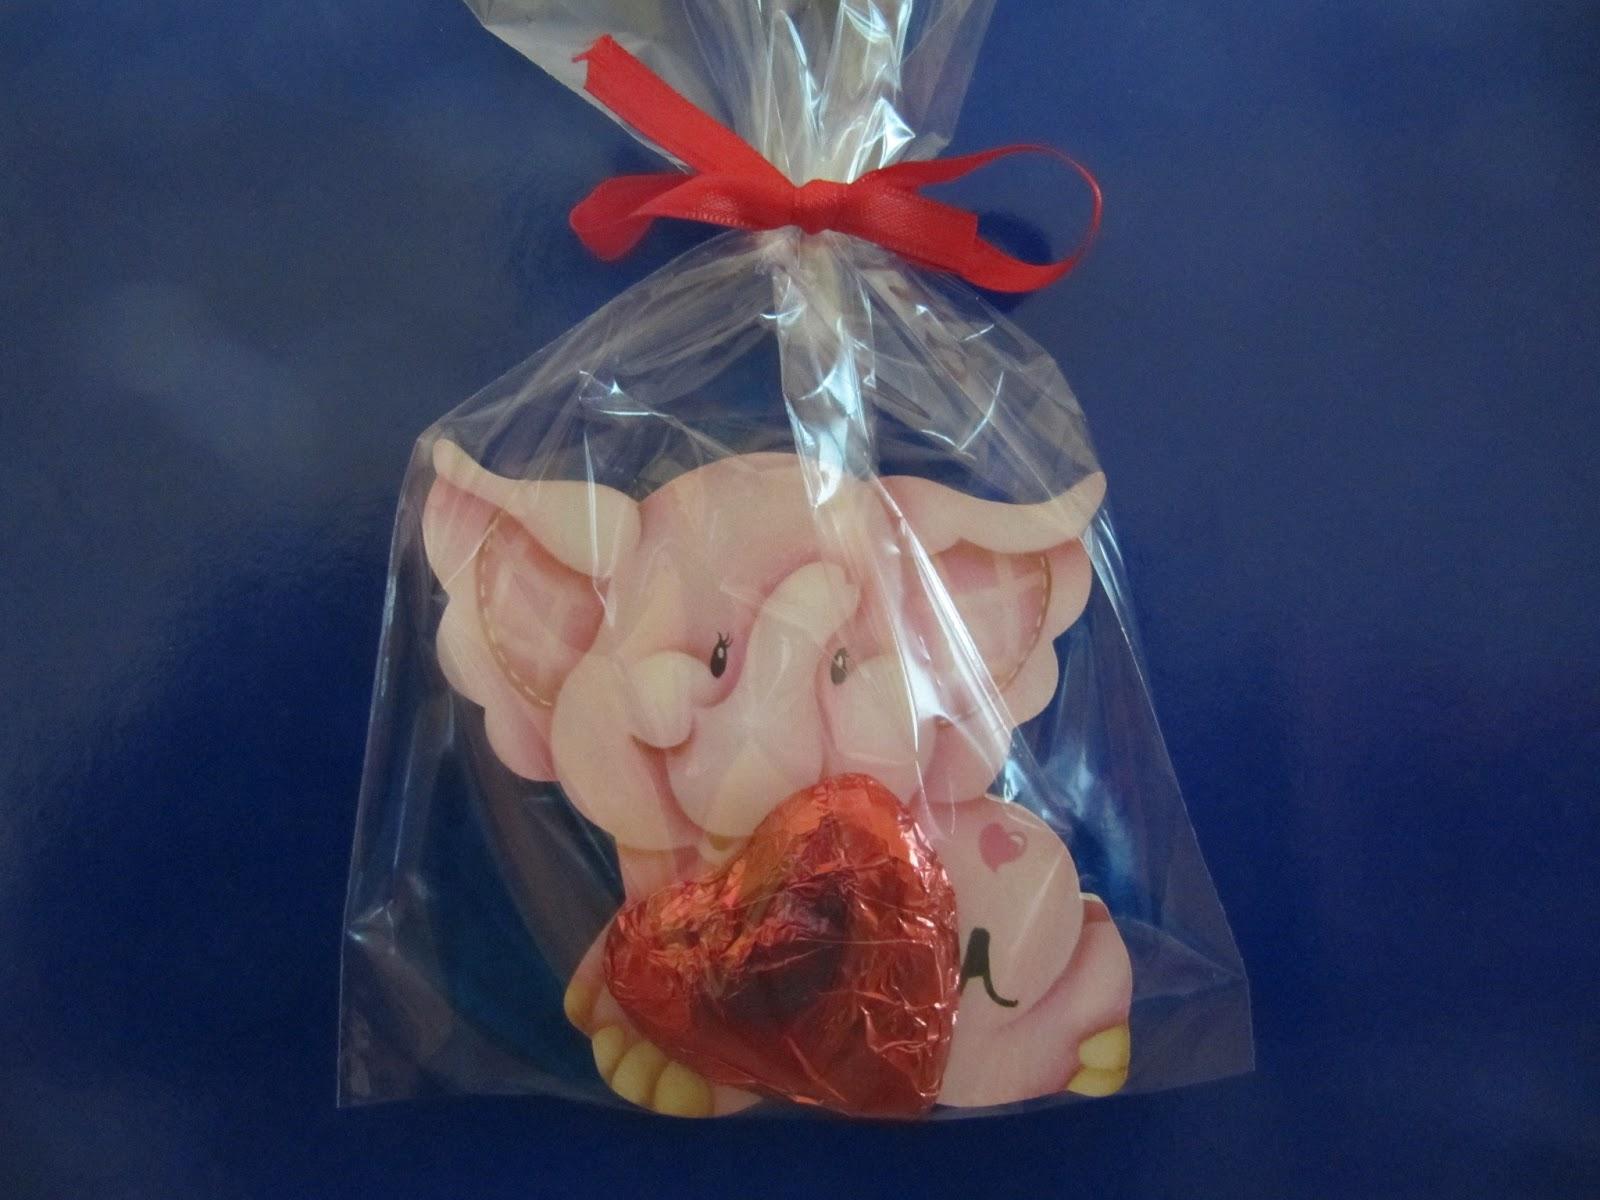 6a7293a24 Vienen en bolsitas transparentes y se le puede agregar bombones, caramelos,  chupetines, chocolatines...lo que ustedes quieran. Se le puede poner un  iman ...